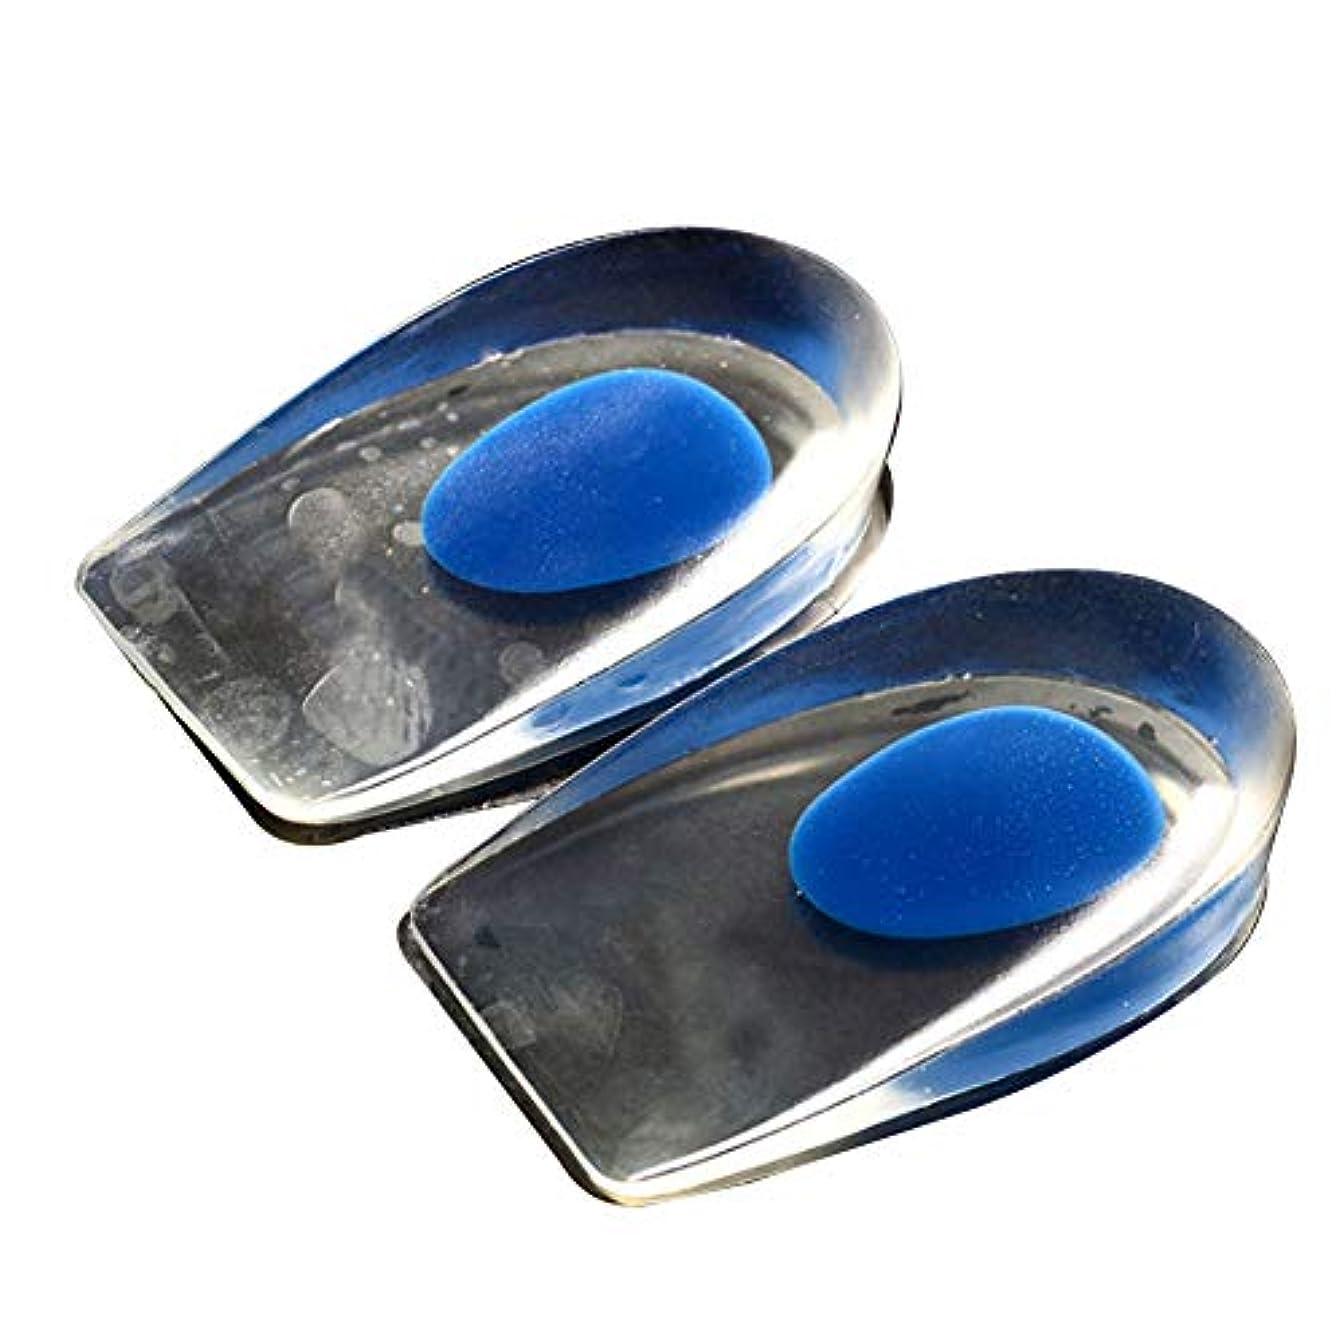 ぼろ放置死Happysource 足用保護パッド1ペアジェルヒールカップ足底筋膜炎は、骨の拍車の痛みを軽減するためのシリコンヒールカップパッド